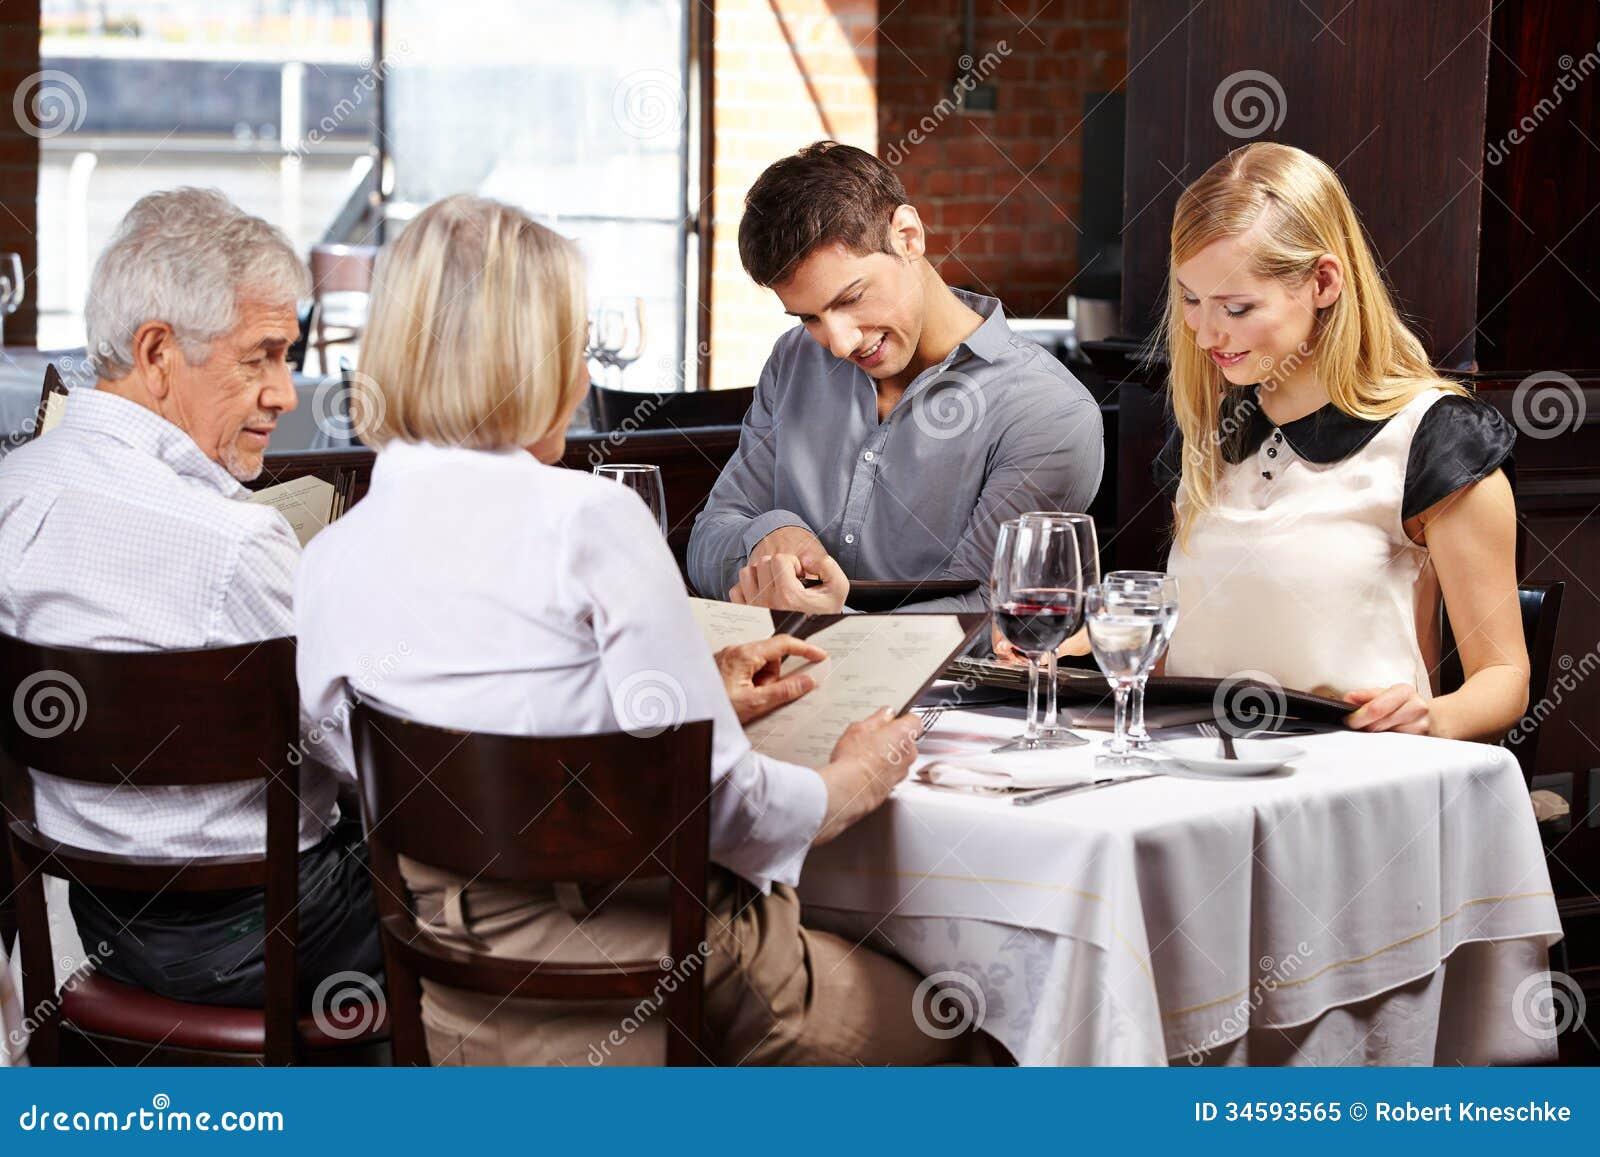 Familj I Läs Meny För Restaurang Fotografering För Bildbyråer